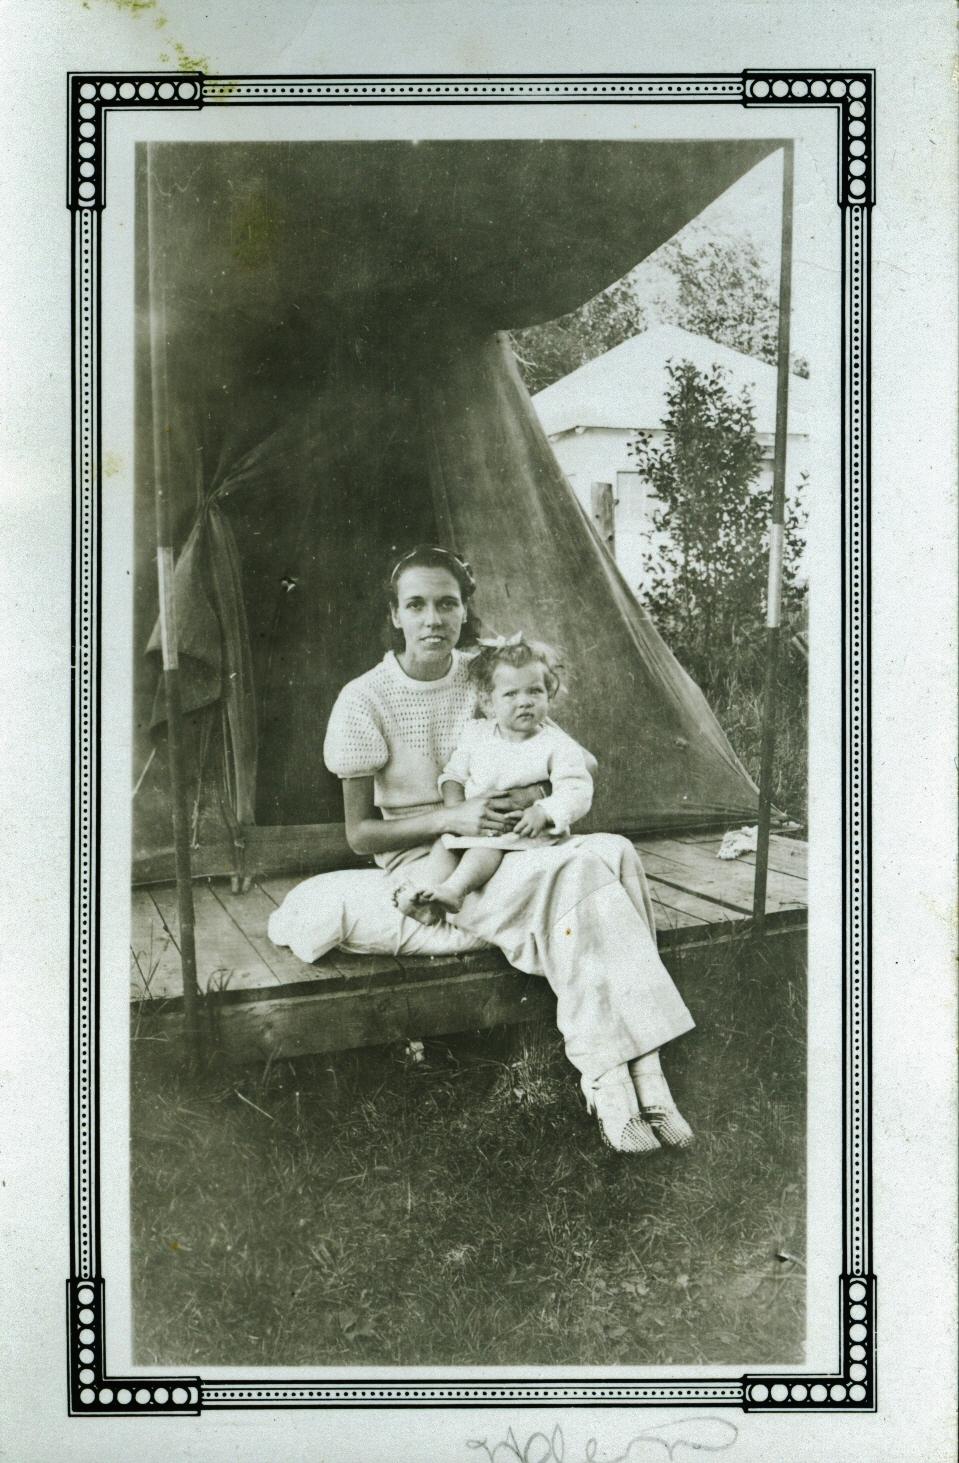 Helen Gaffney (Jones) and Sheilagh H. Corrigan, circa 1934(Sheilagh was born in 1933